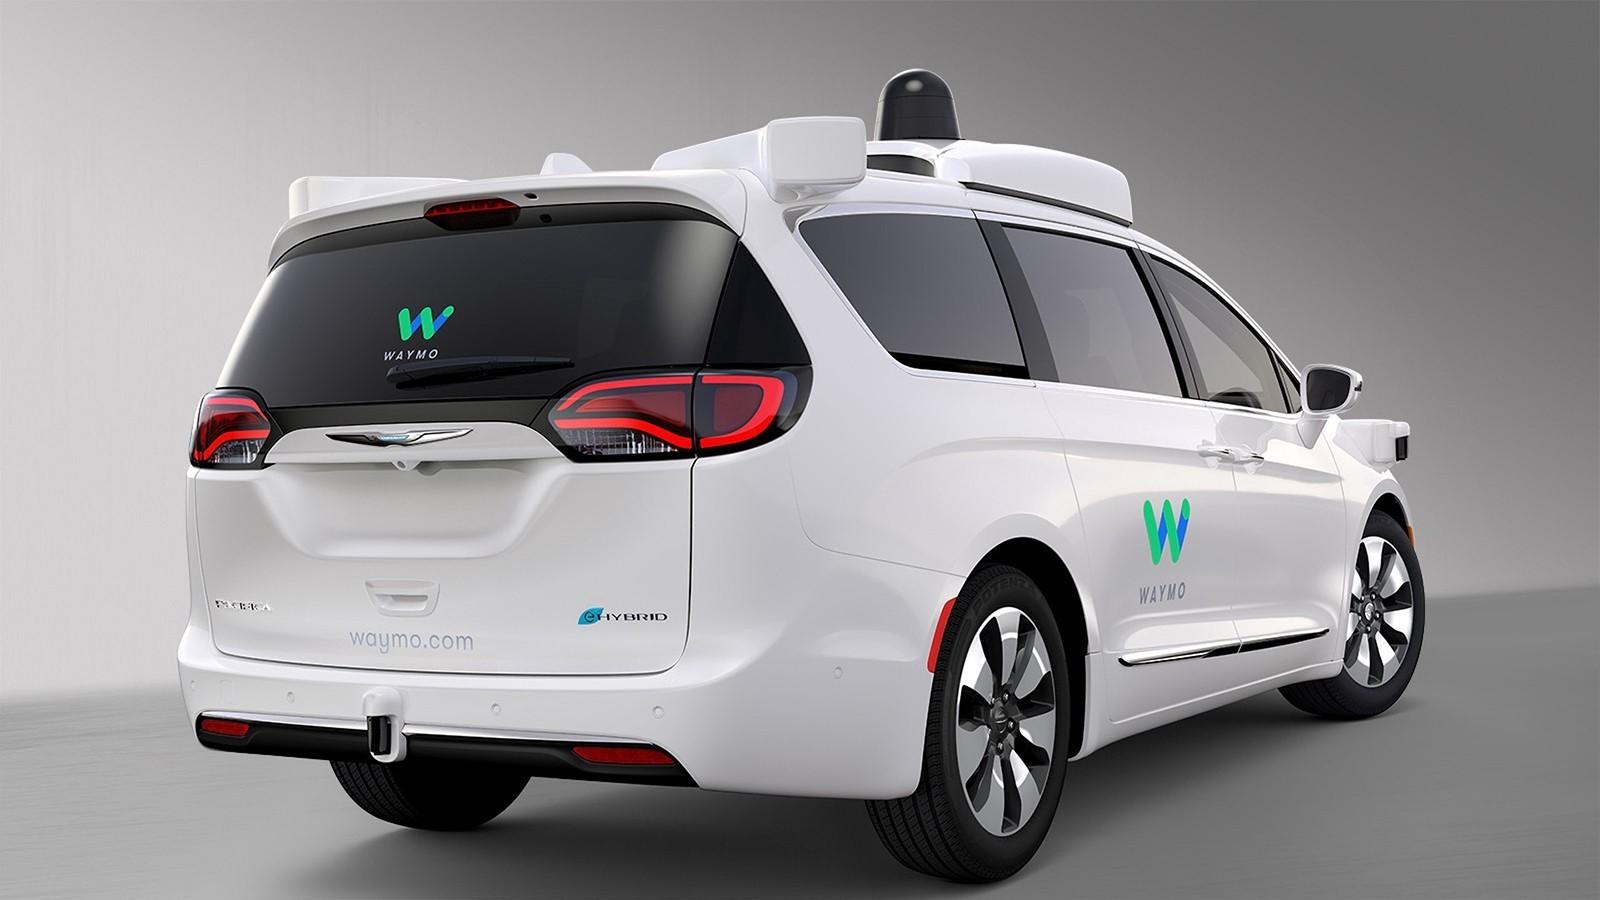 googles-driverless-waymo-based-on-chrysler-pacifica-hybrid (1)